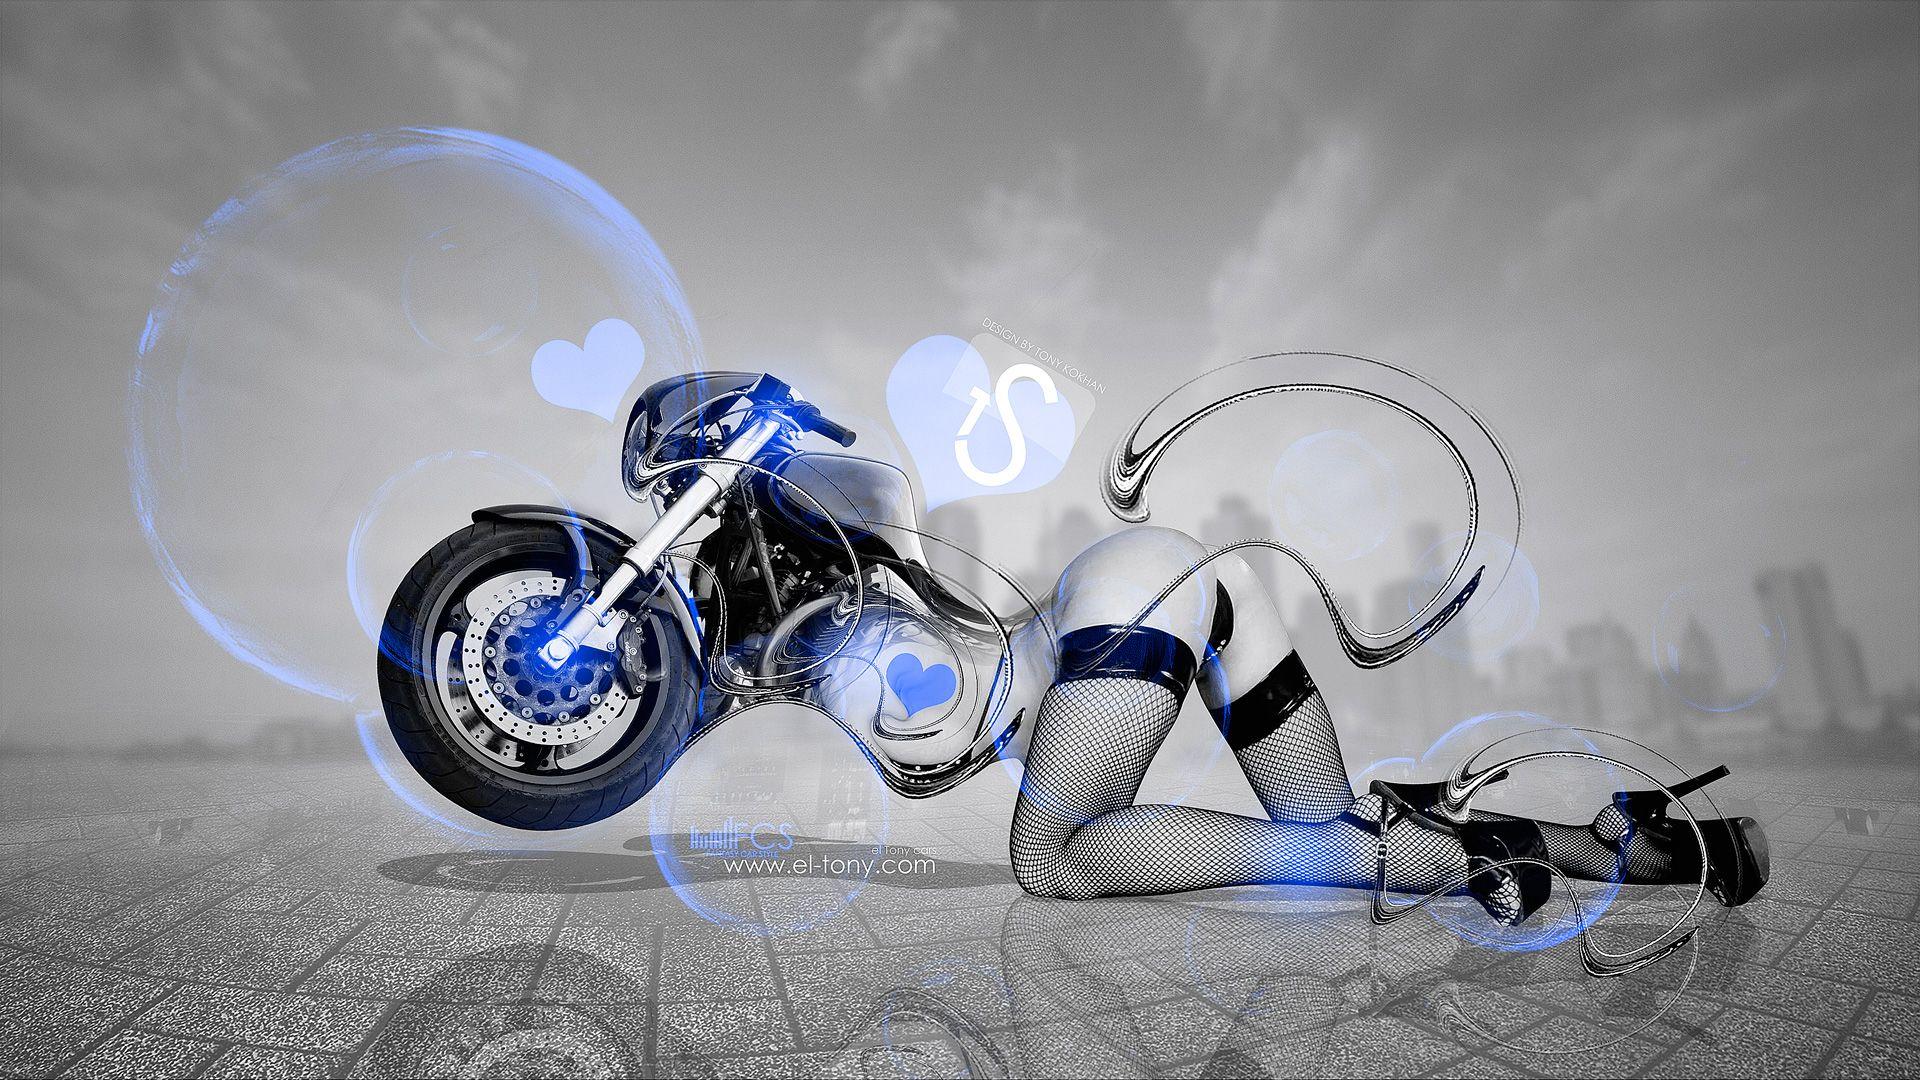 κινουμενες εικονες για επιφανεια εργασιας   Αναζήτηση Google ·  GoogleArtChoppersGirl MotorcycleGreen ...